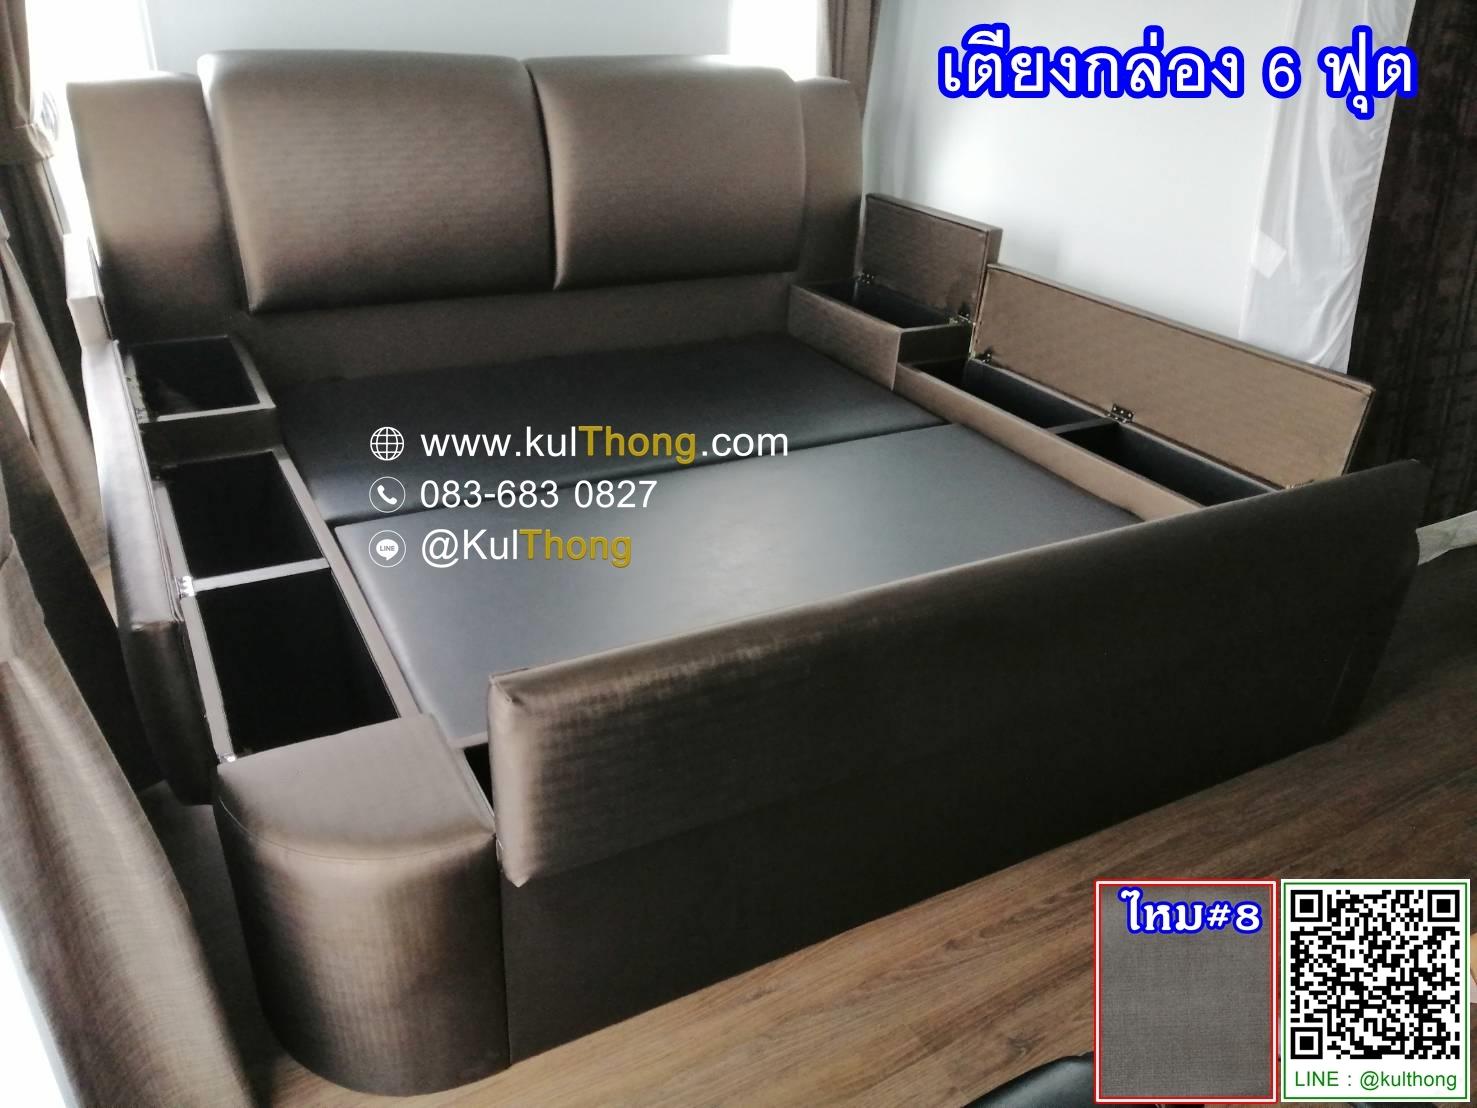 เตียงกล่อง เตียงเก็บของ เตียงมีฝาเปิด เตียงหุ้มหนังมีกล่อง เตียงกล่องดีไซน์